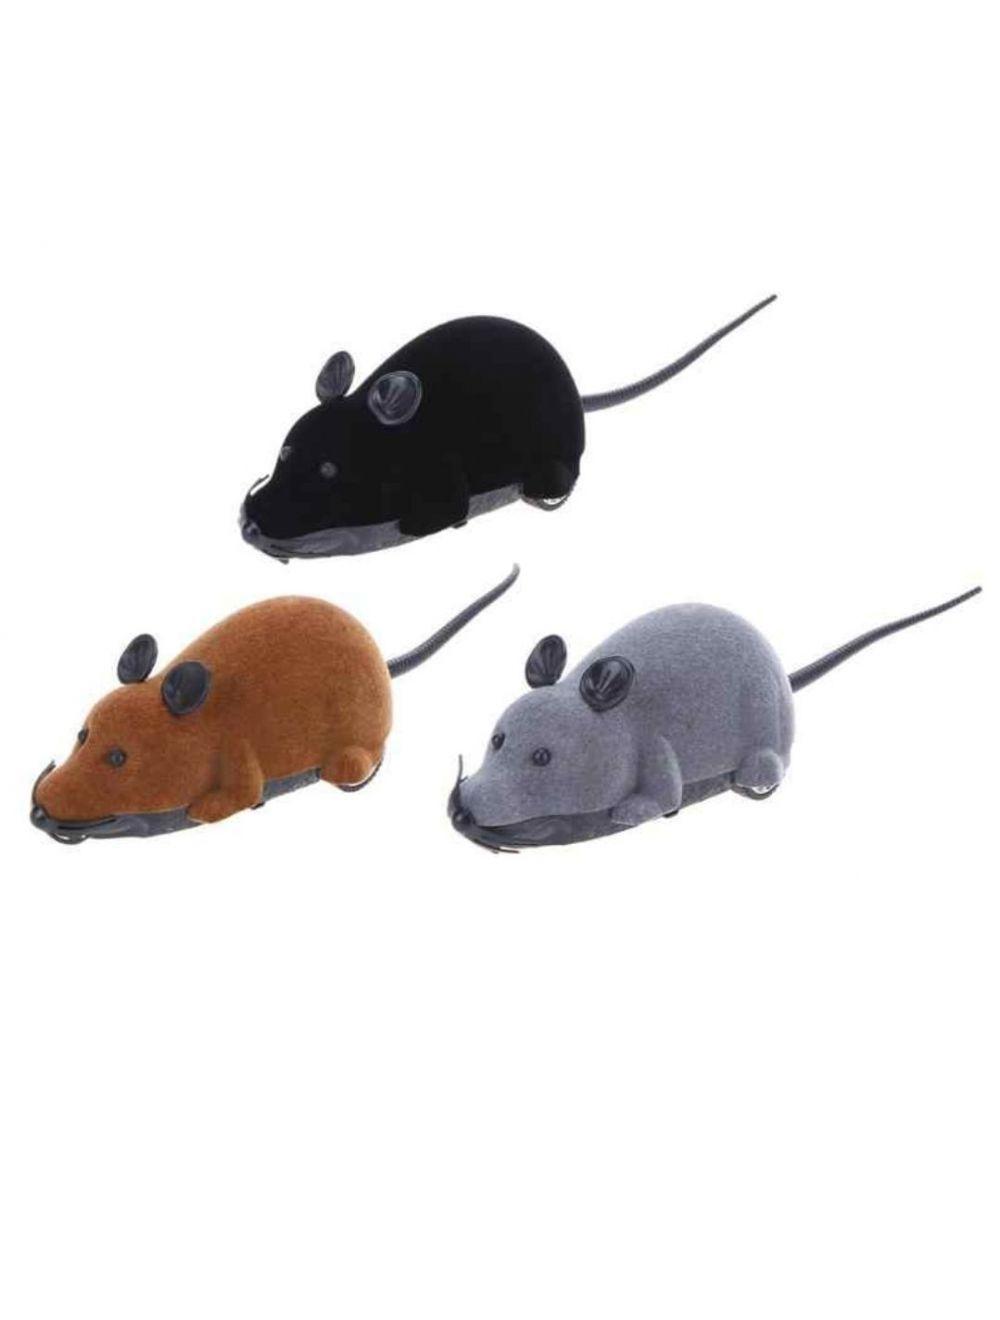 Ratón a control remoto juguete mascotas